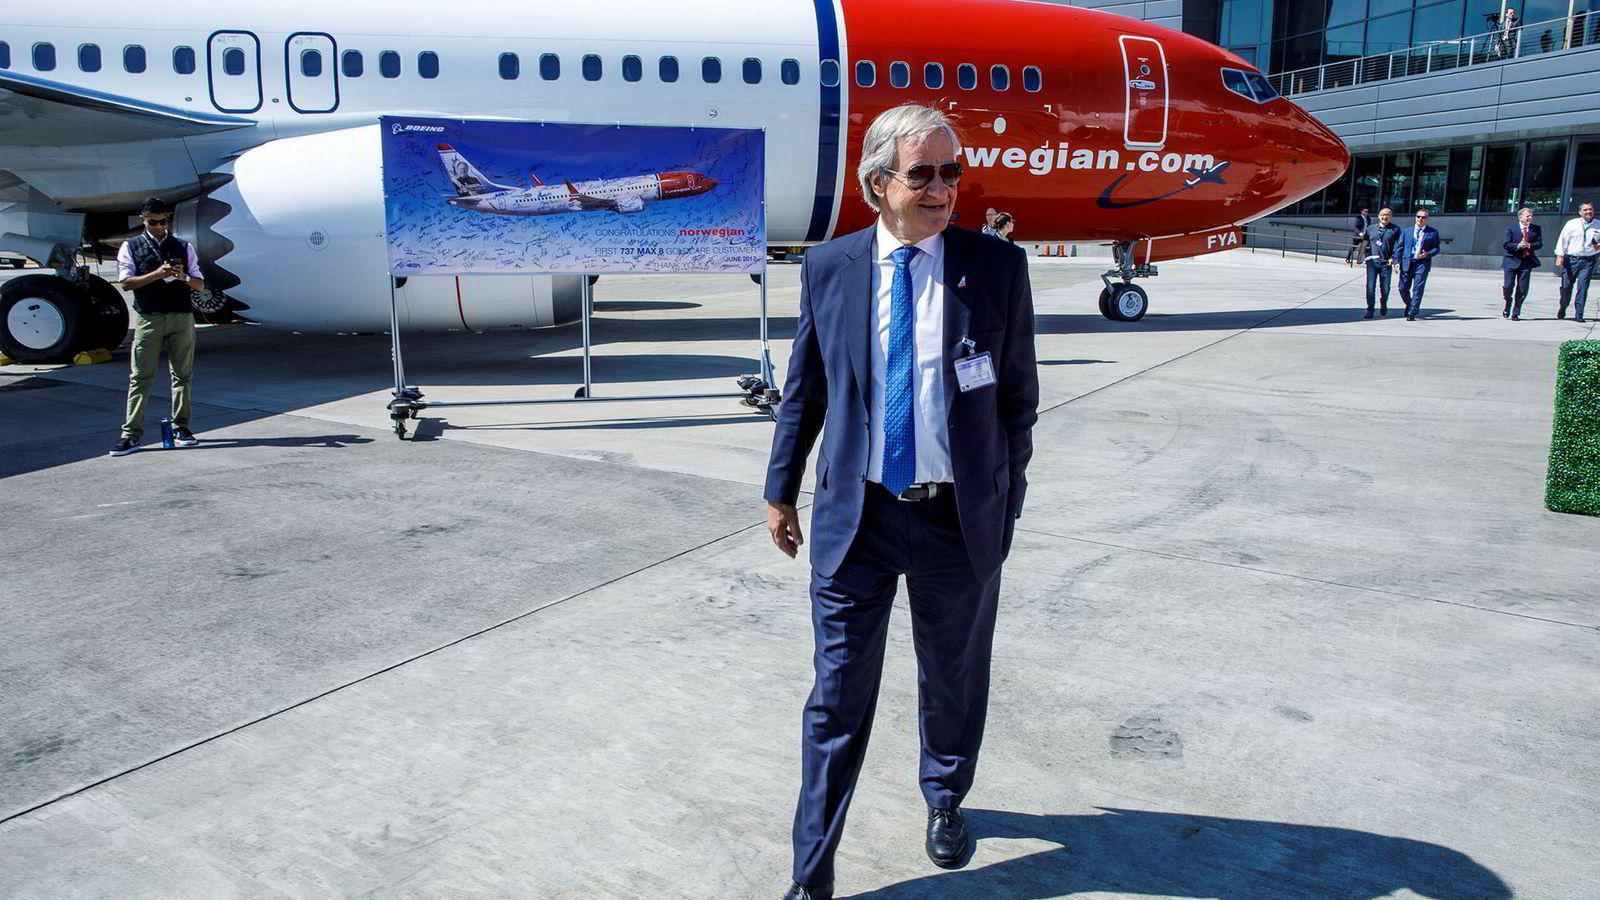 Norwegian forsøker å lokke gamle TUI-piloter med hurtige søknadsprosesser. På bildet er Norwegian konsernsjef Bjørn Kjos.